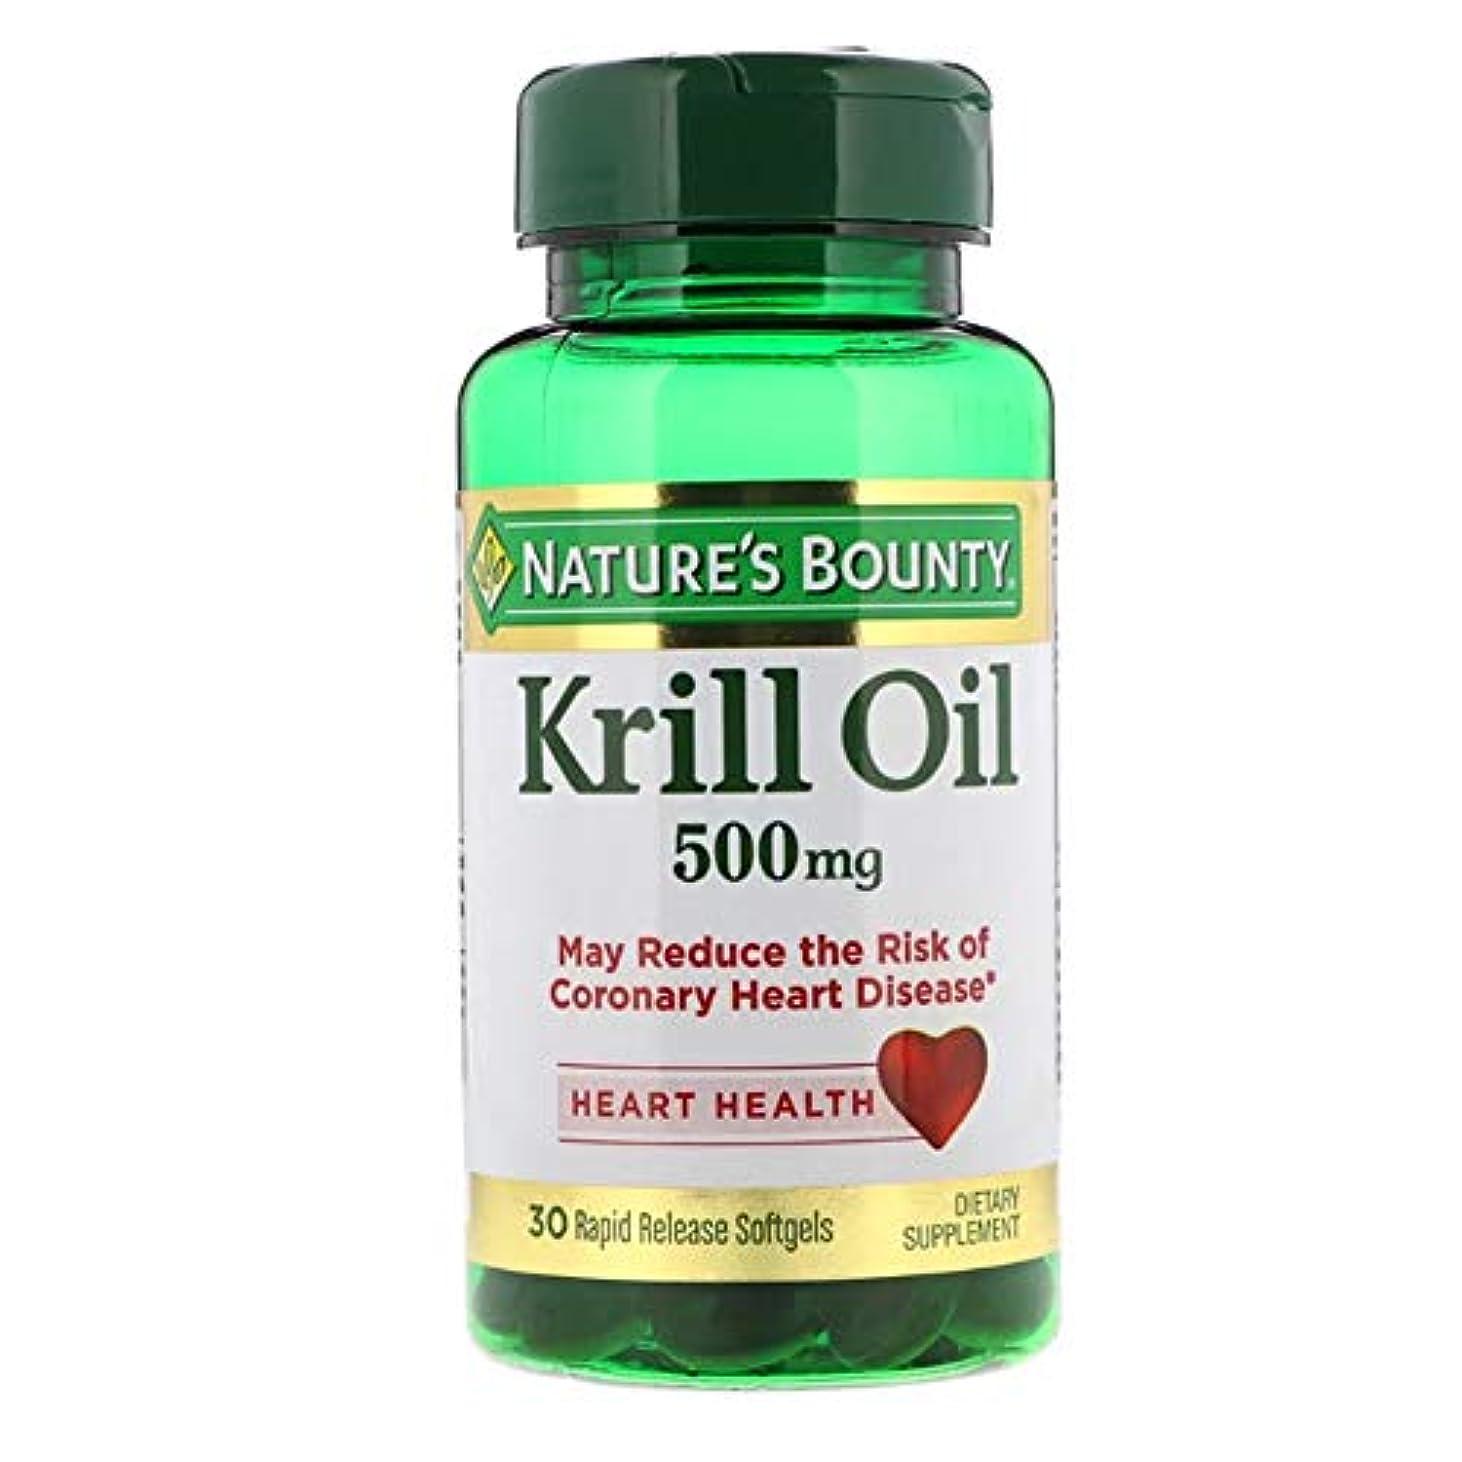 のみ防水消毒剤Nature's Bounty クリルオイル 500 mg 急速放出ソフトジェル 30粒 【アメリカ直送】